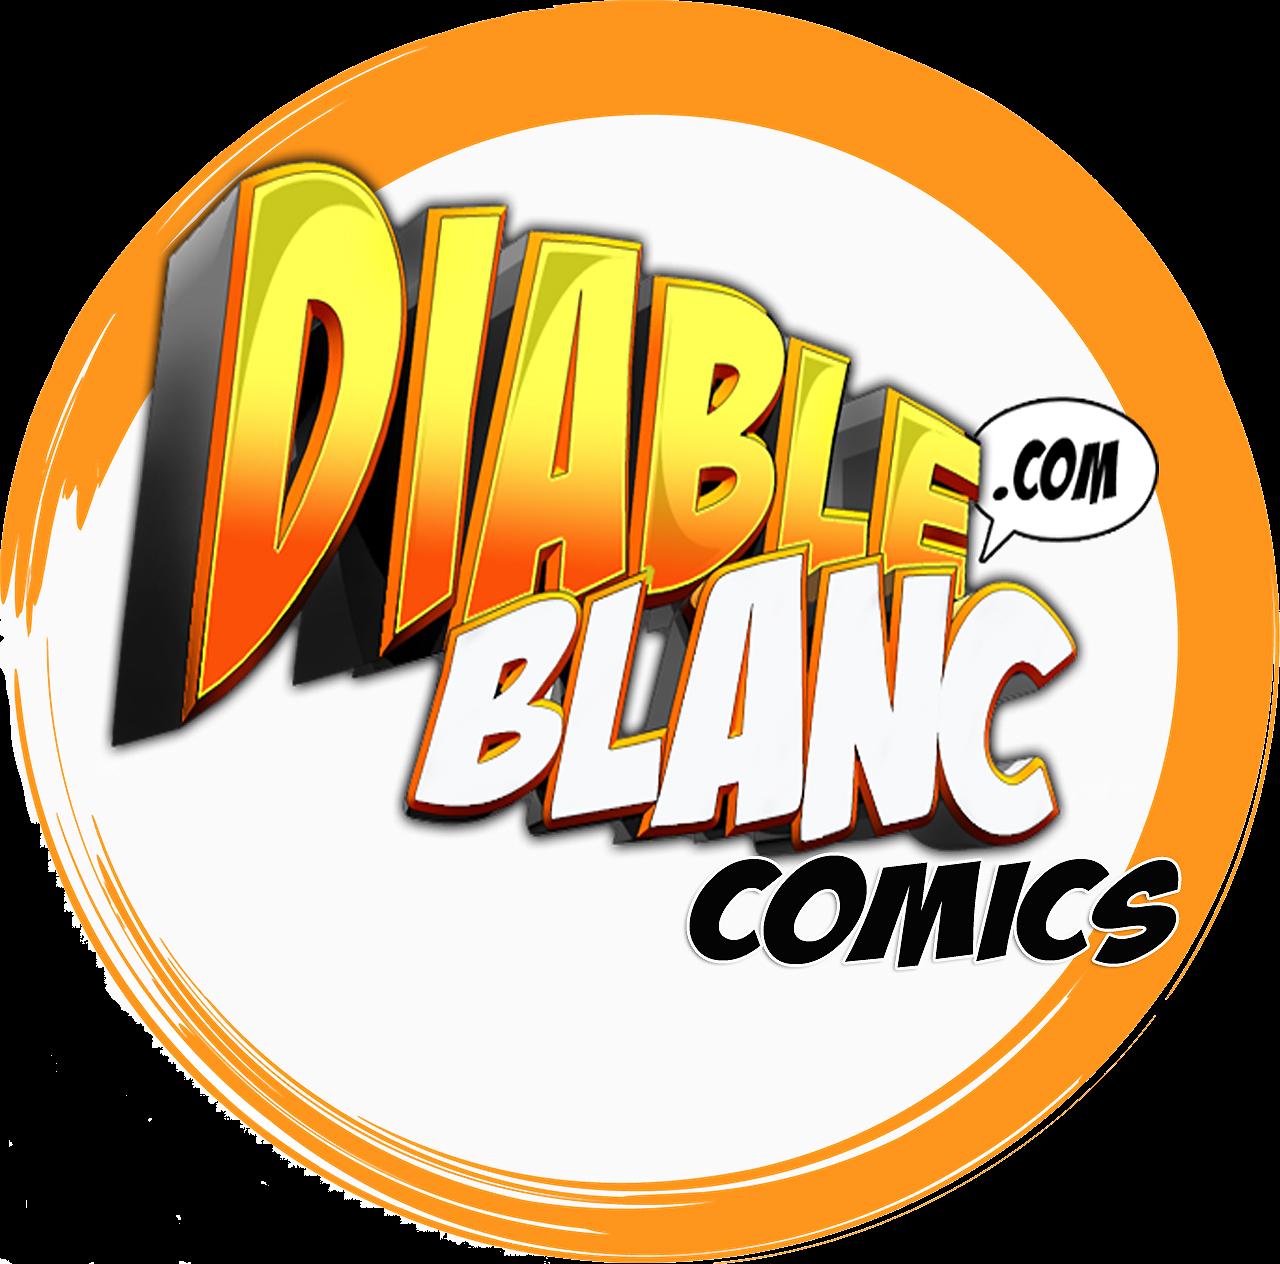 logo diable blanc comics